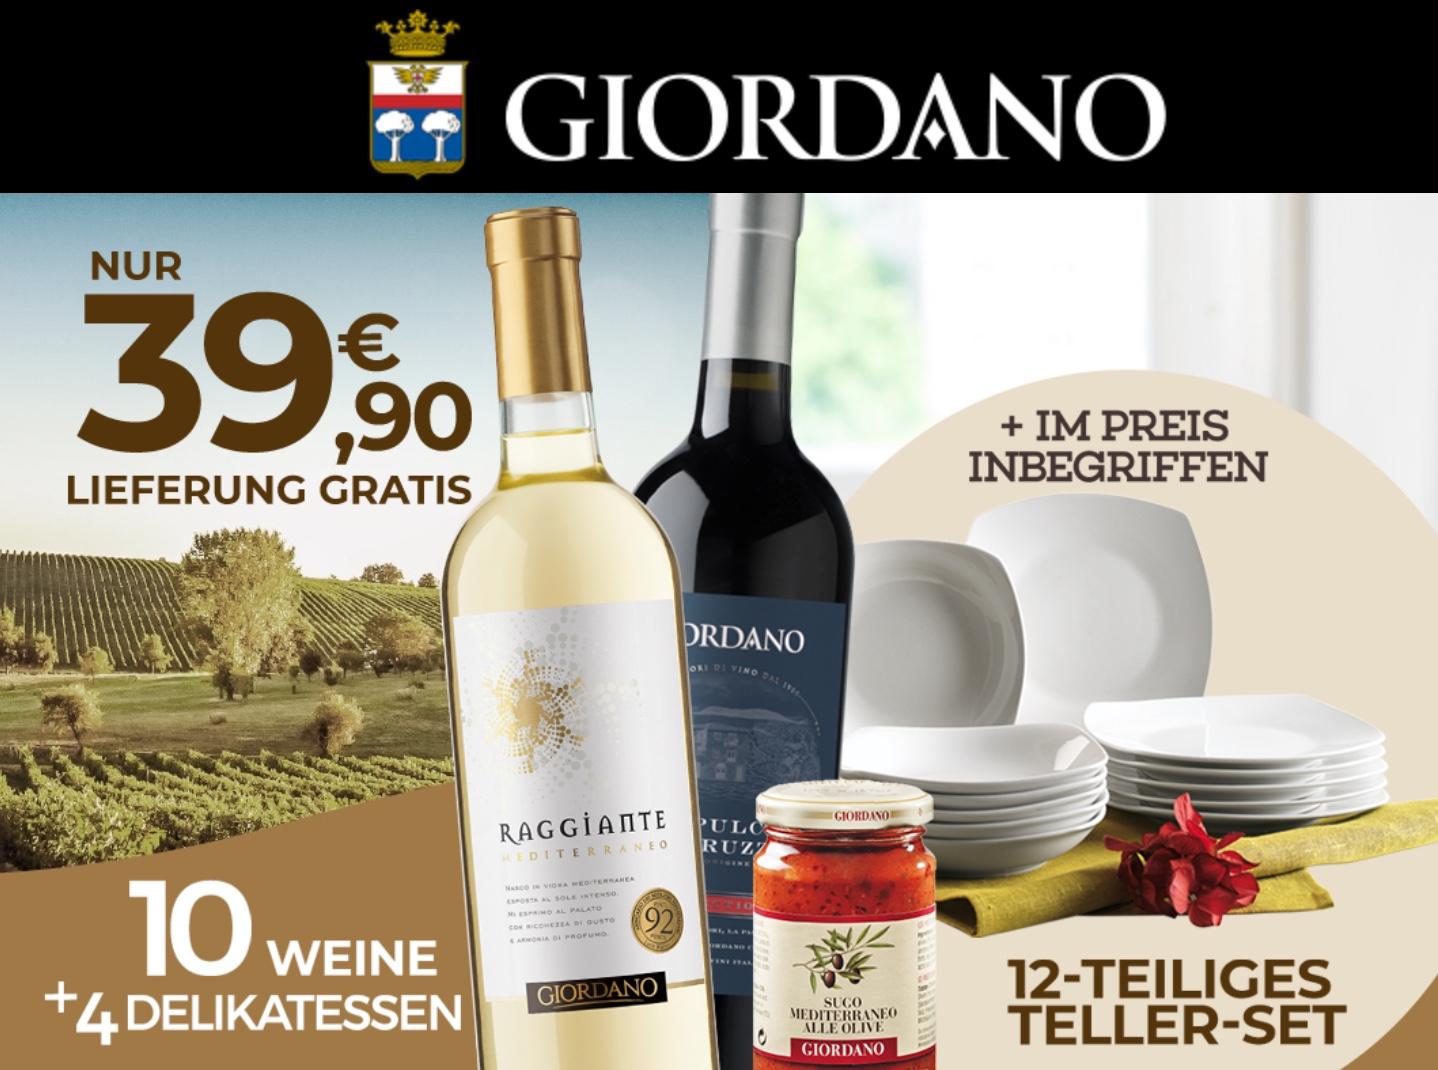 Giordano Weine Probierpaket + 12 teiliges Tellerset nur 32,90 € abzgl. dem Shoop Cashback